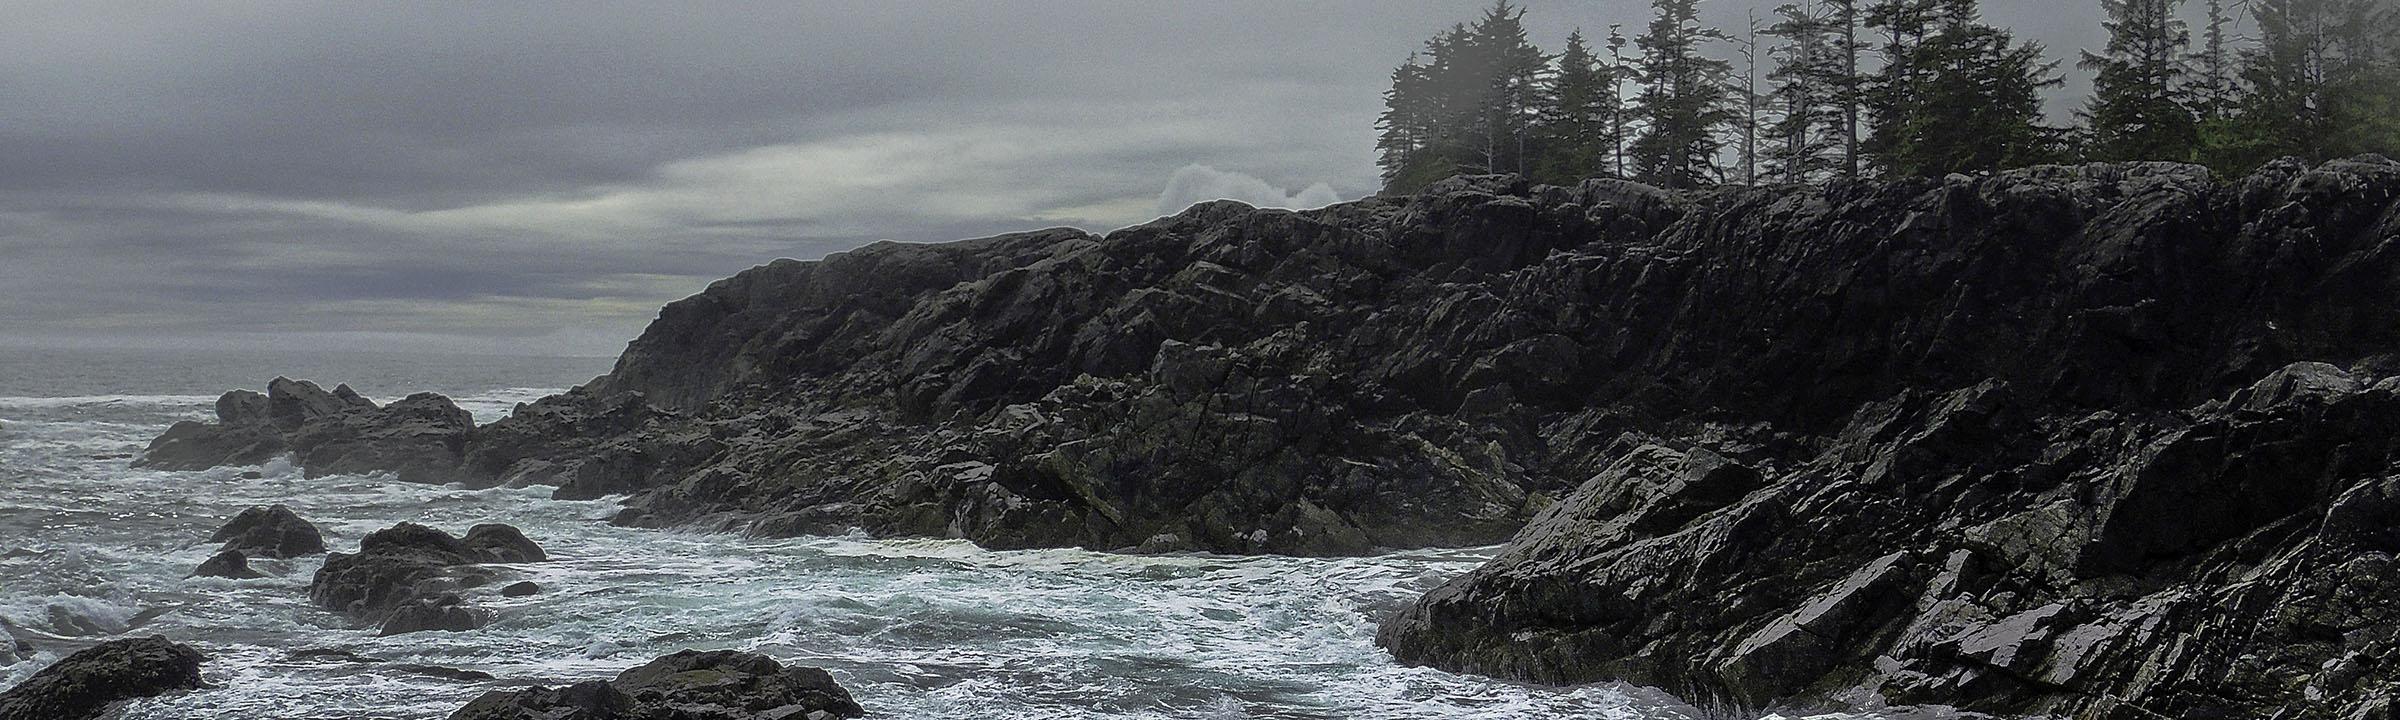 Nature Trek Canada